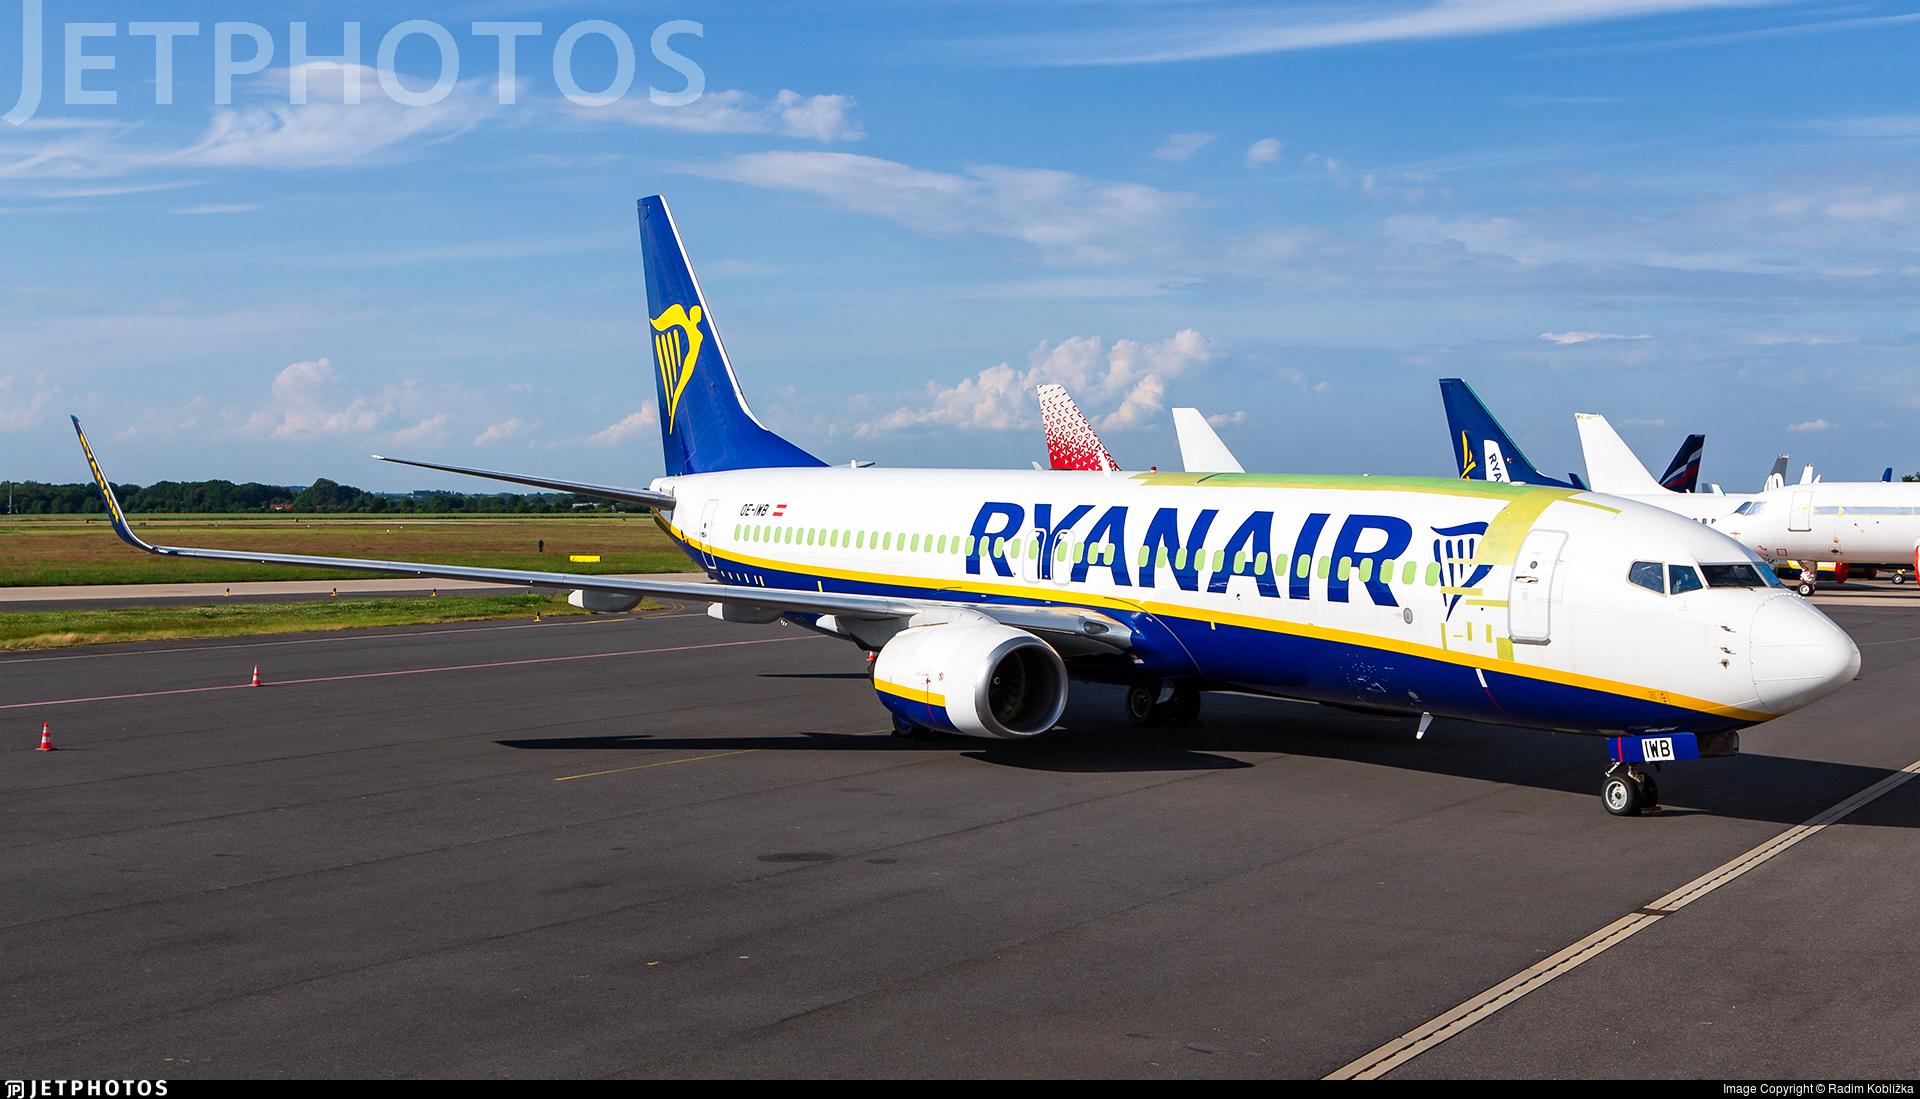 OE-IWB - Boeing 737-8AS(BCF) - Untitled